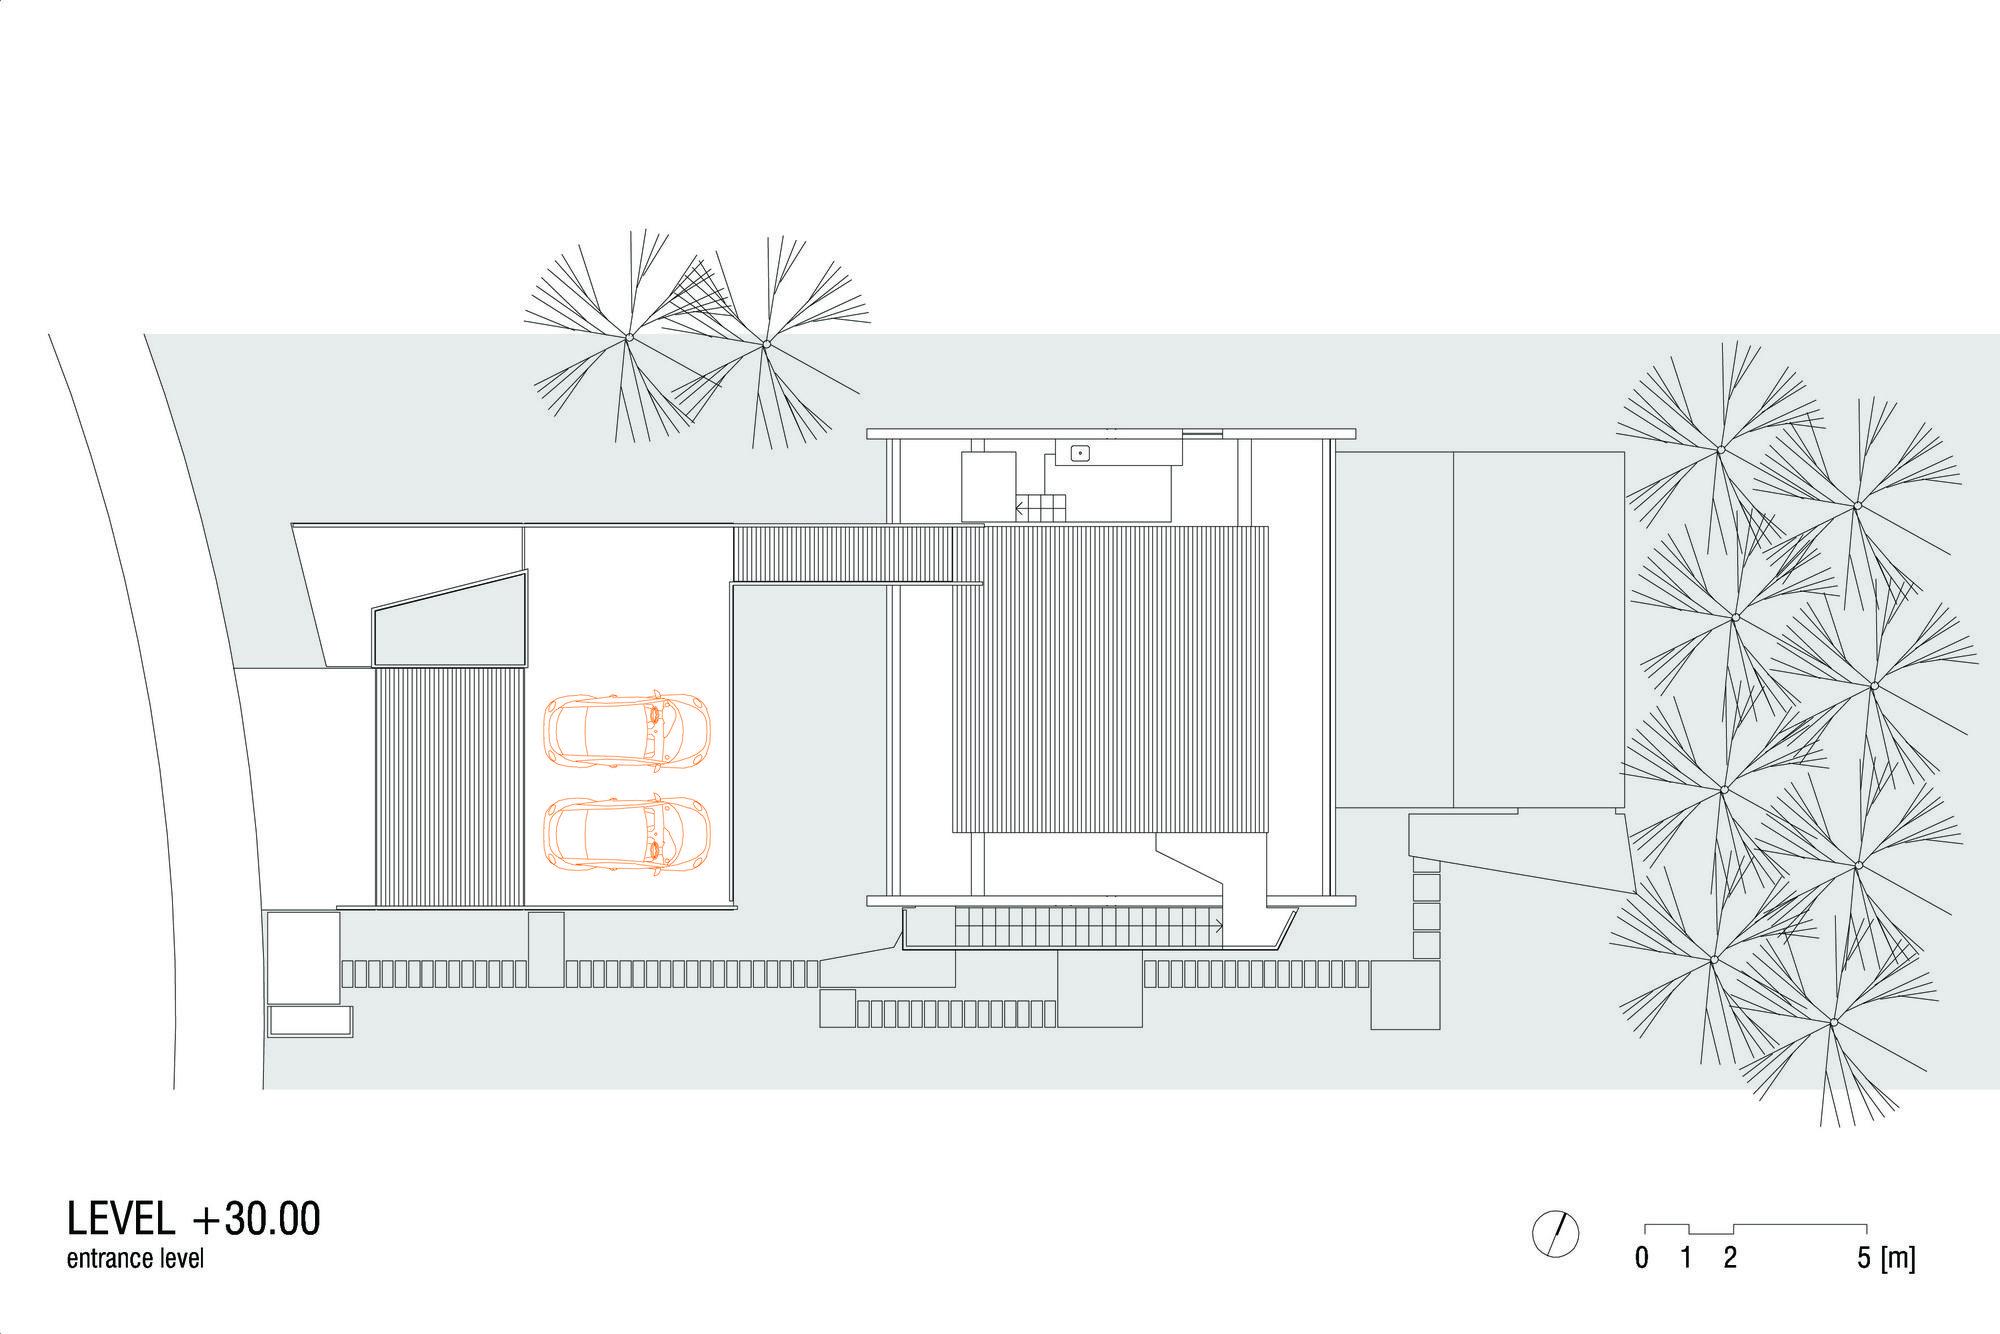 Galeria de Casa em Ubatuba II / SPBR Arquitetos  - 34